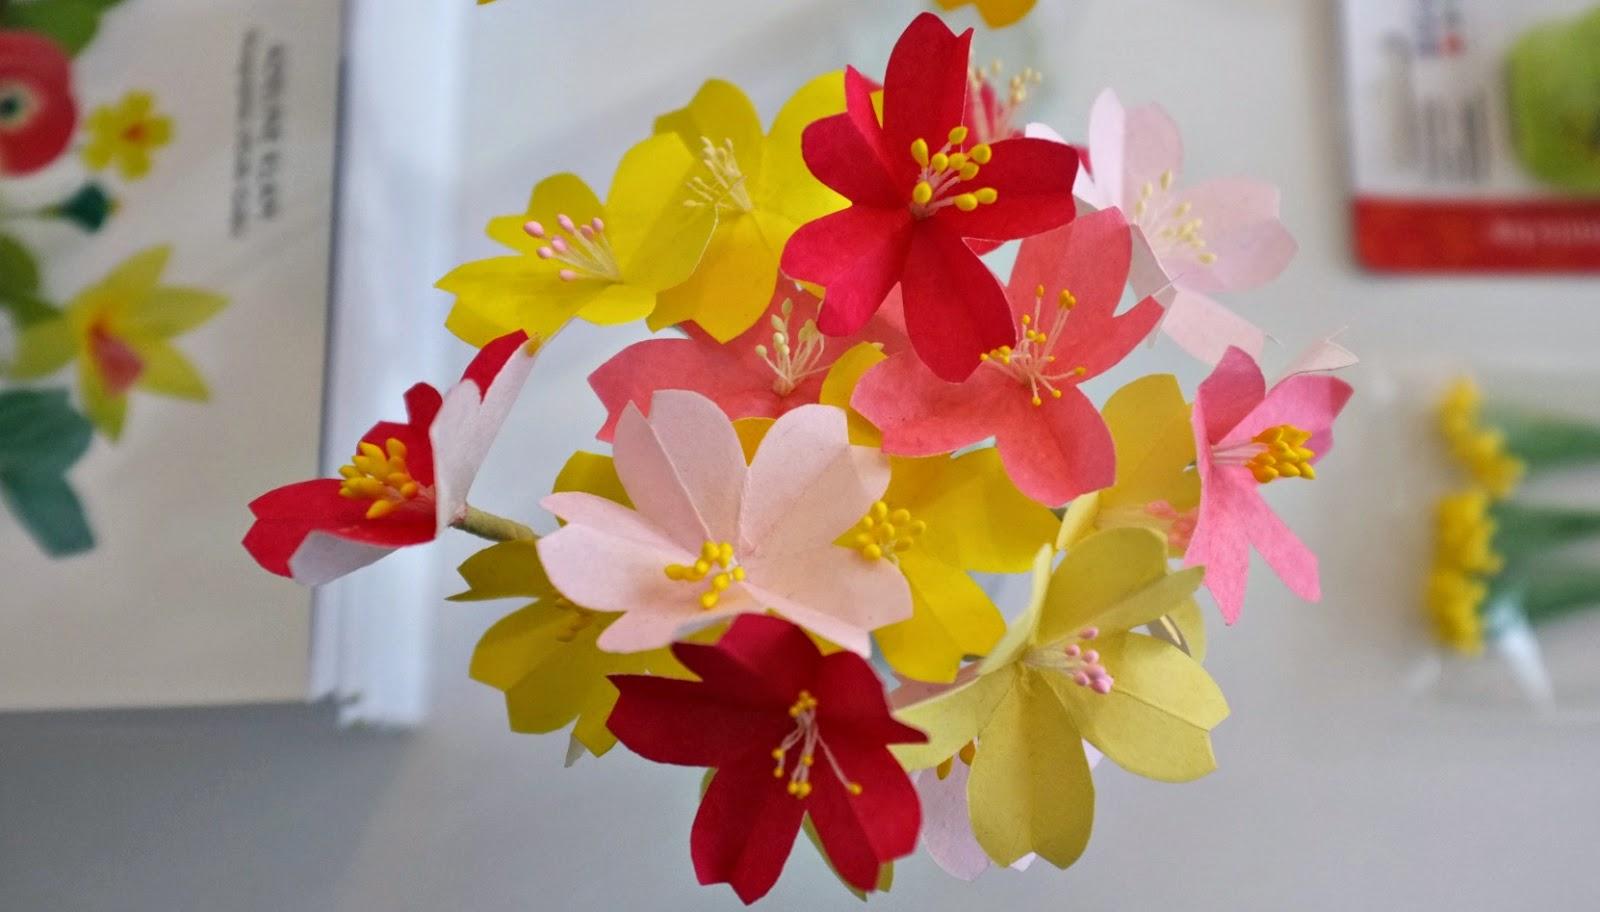 Julie adore atelier de fleurs en papier d 39 adeline klam - Fleur de papier ...